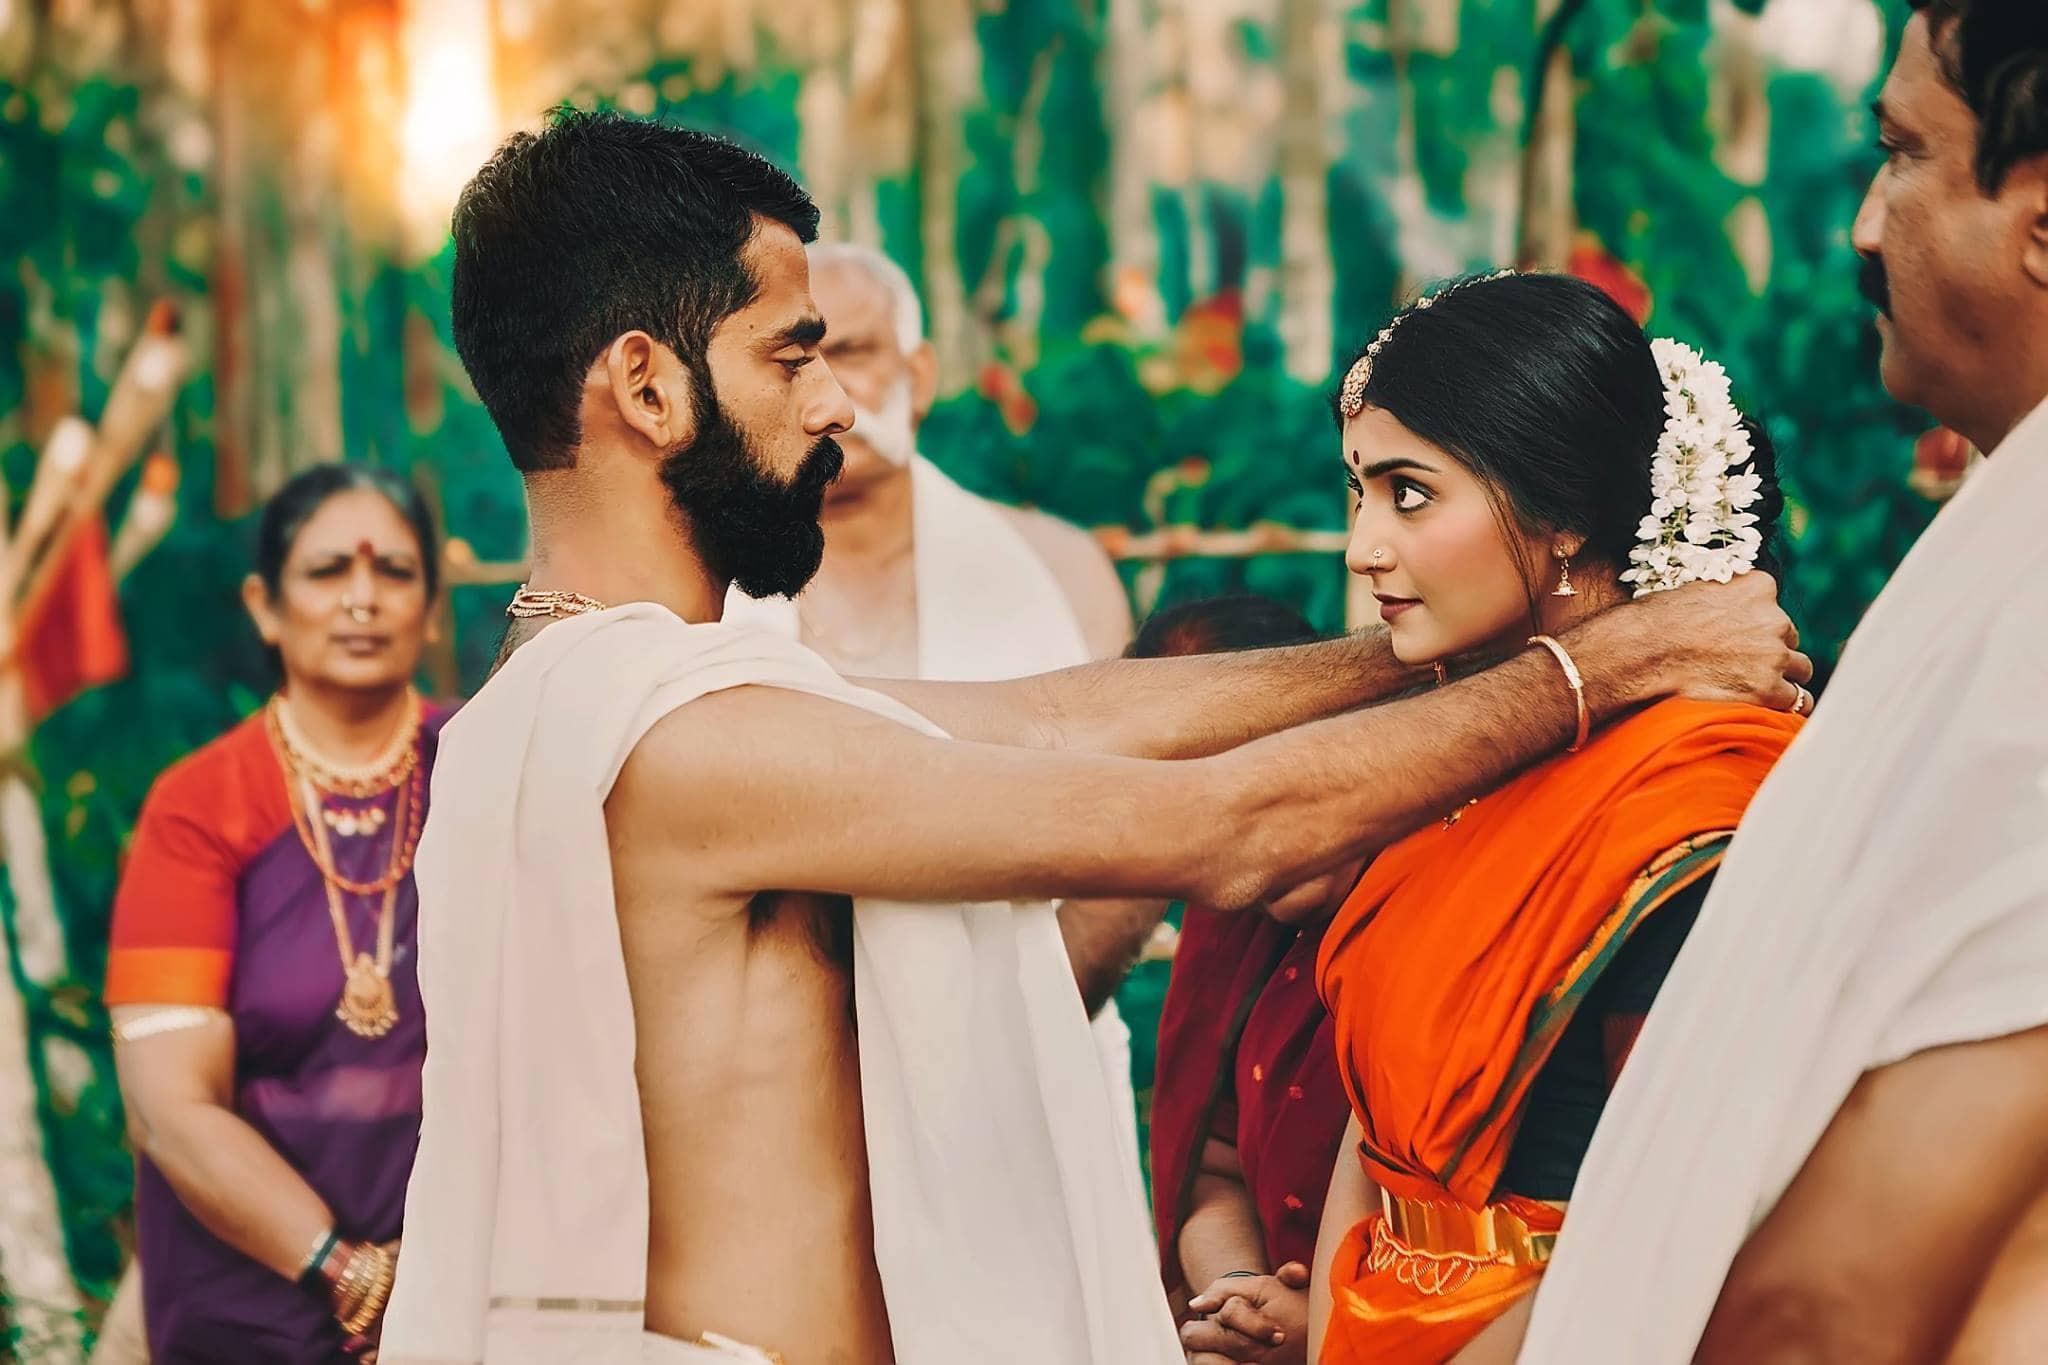 An-Award-winning-photo-story-Avani-By-Arjun-Kamath-6